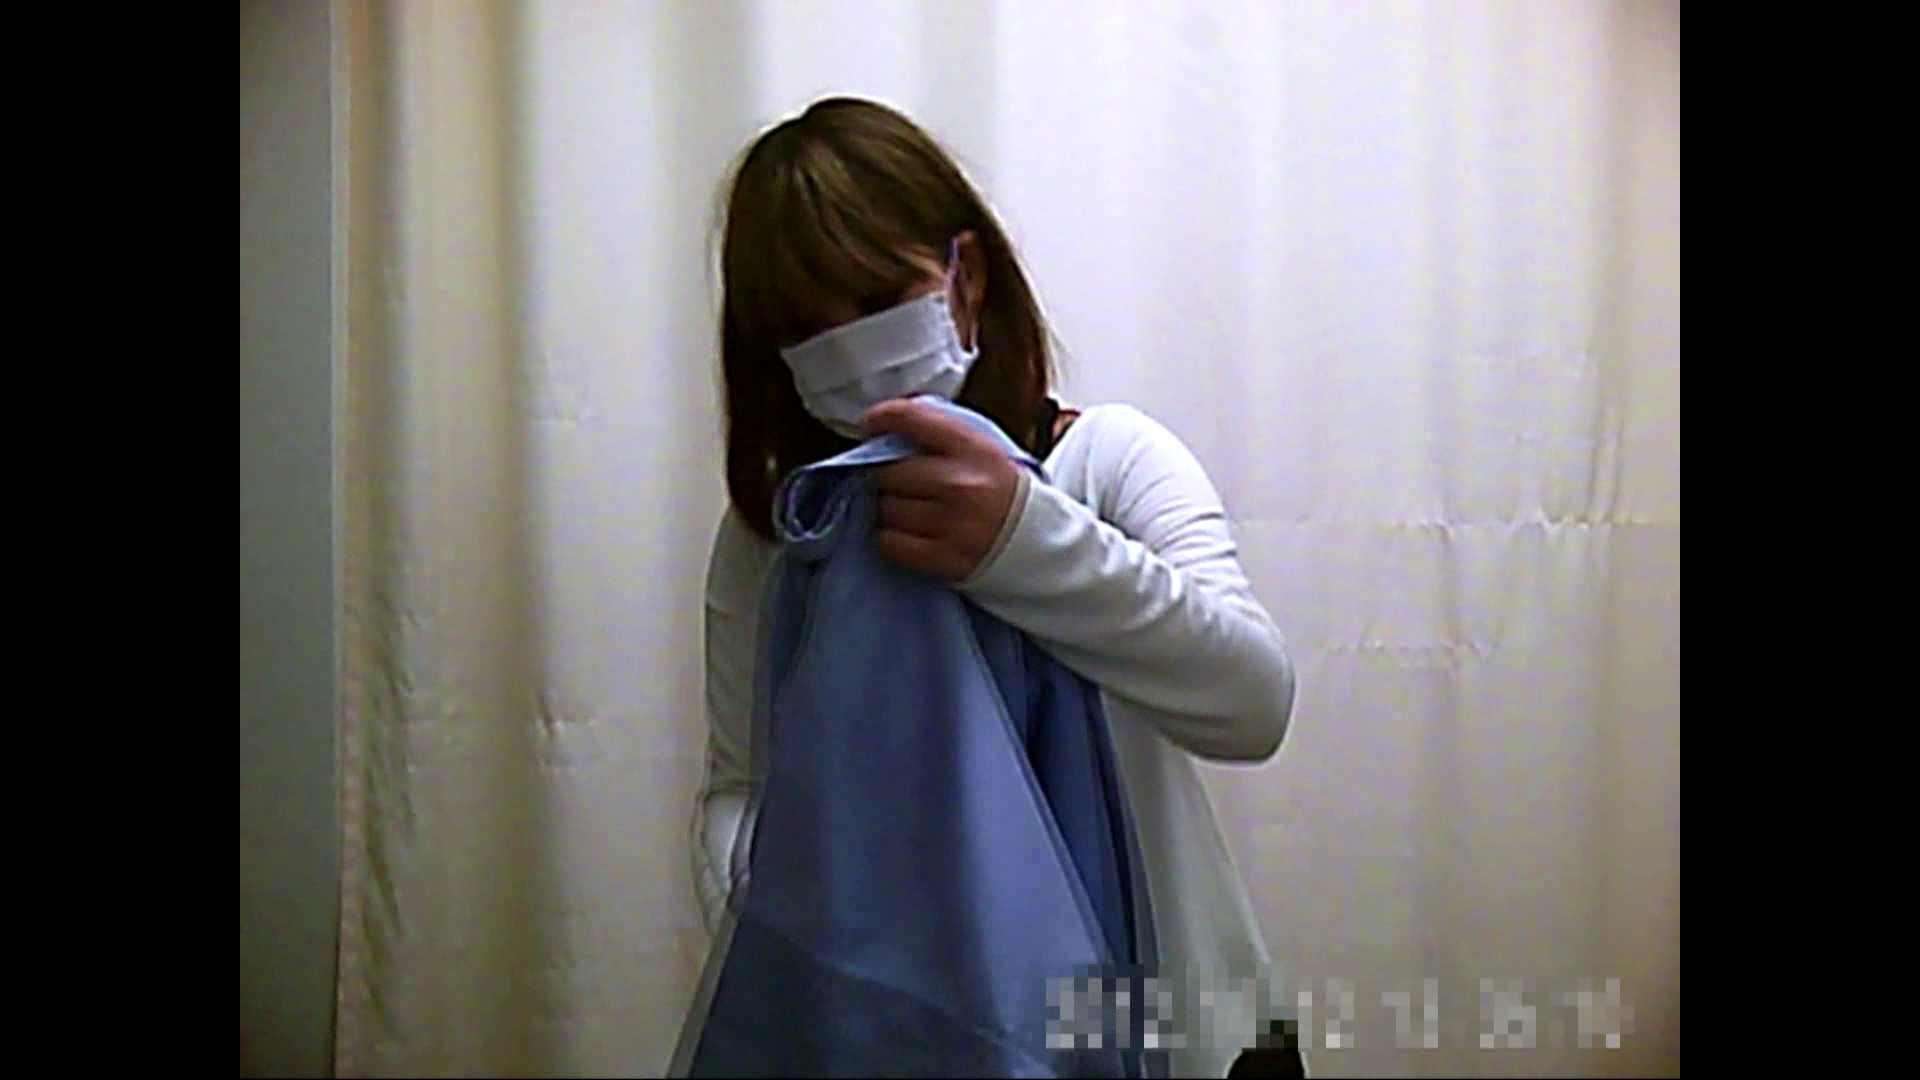 元医者による反抗 更衣室地獄絵巻 vol.061 OLハメ撮り  91Pix 22